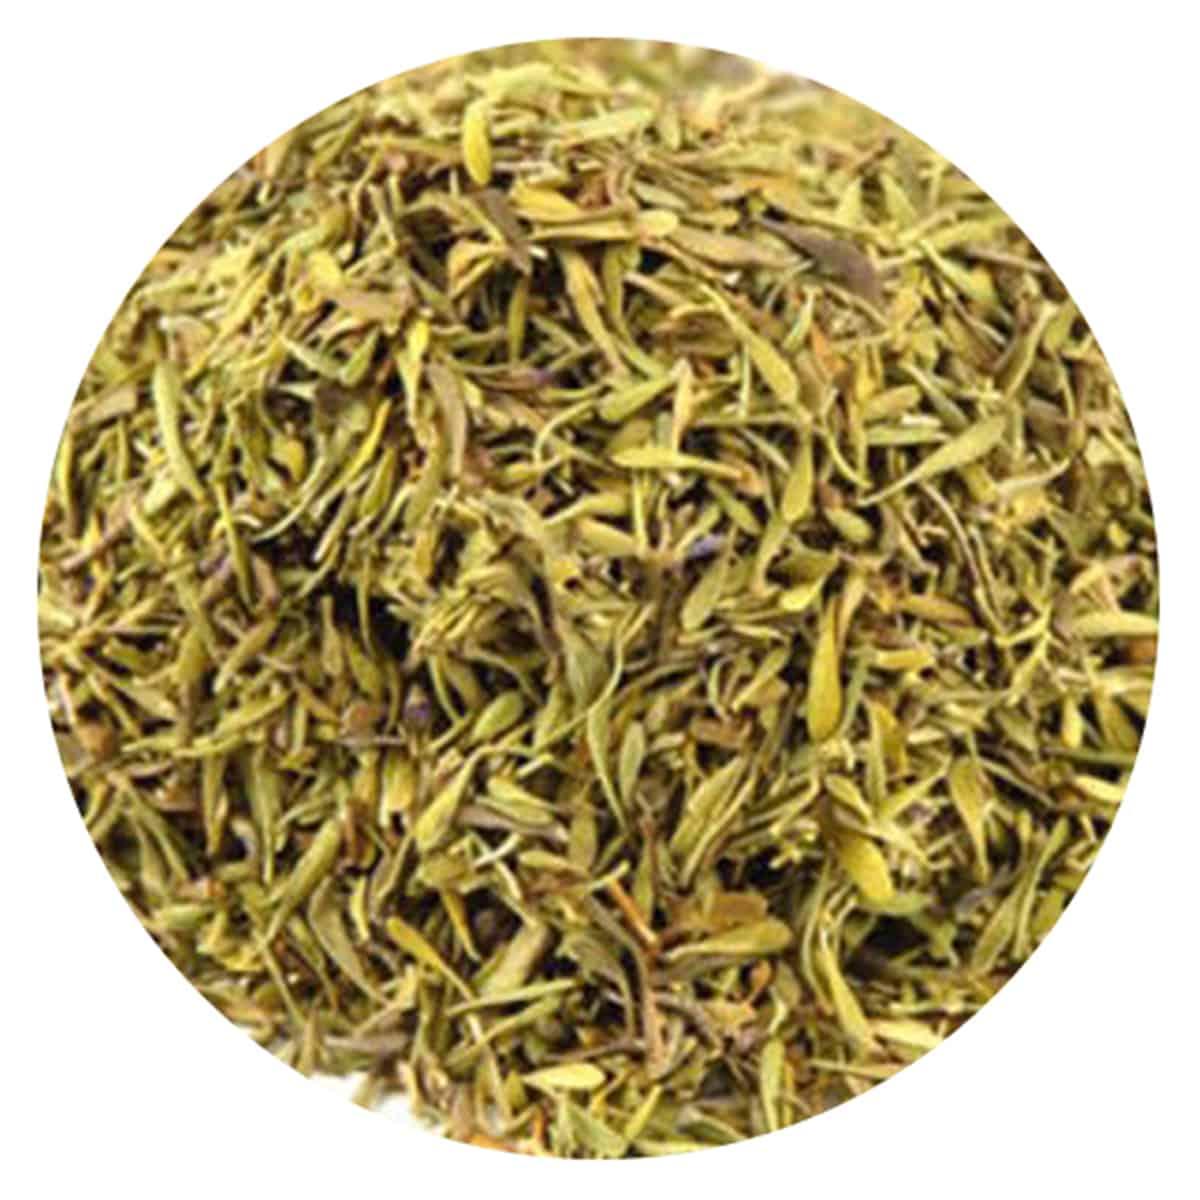 Buy IAG Foods Dried Thyme Leaves - 1 kg